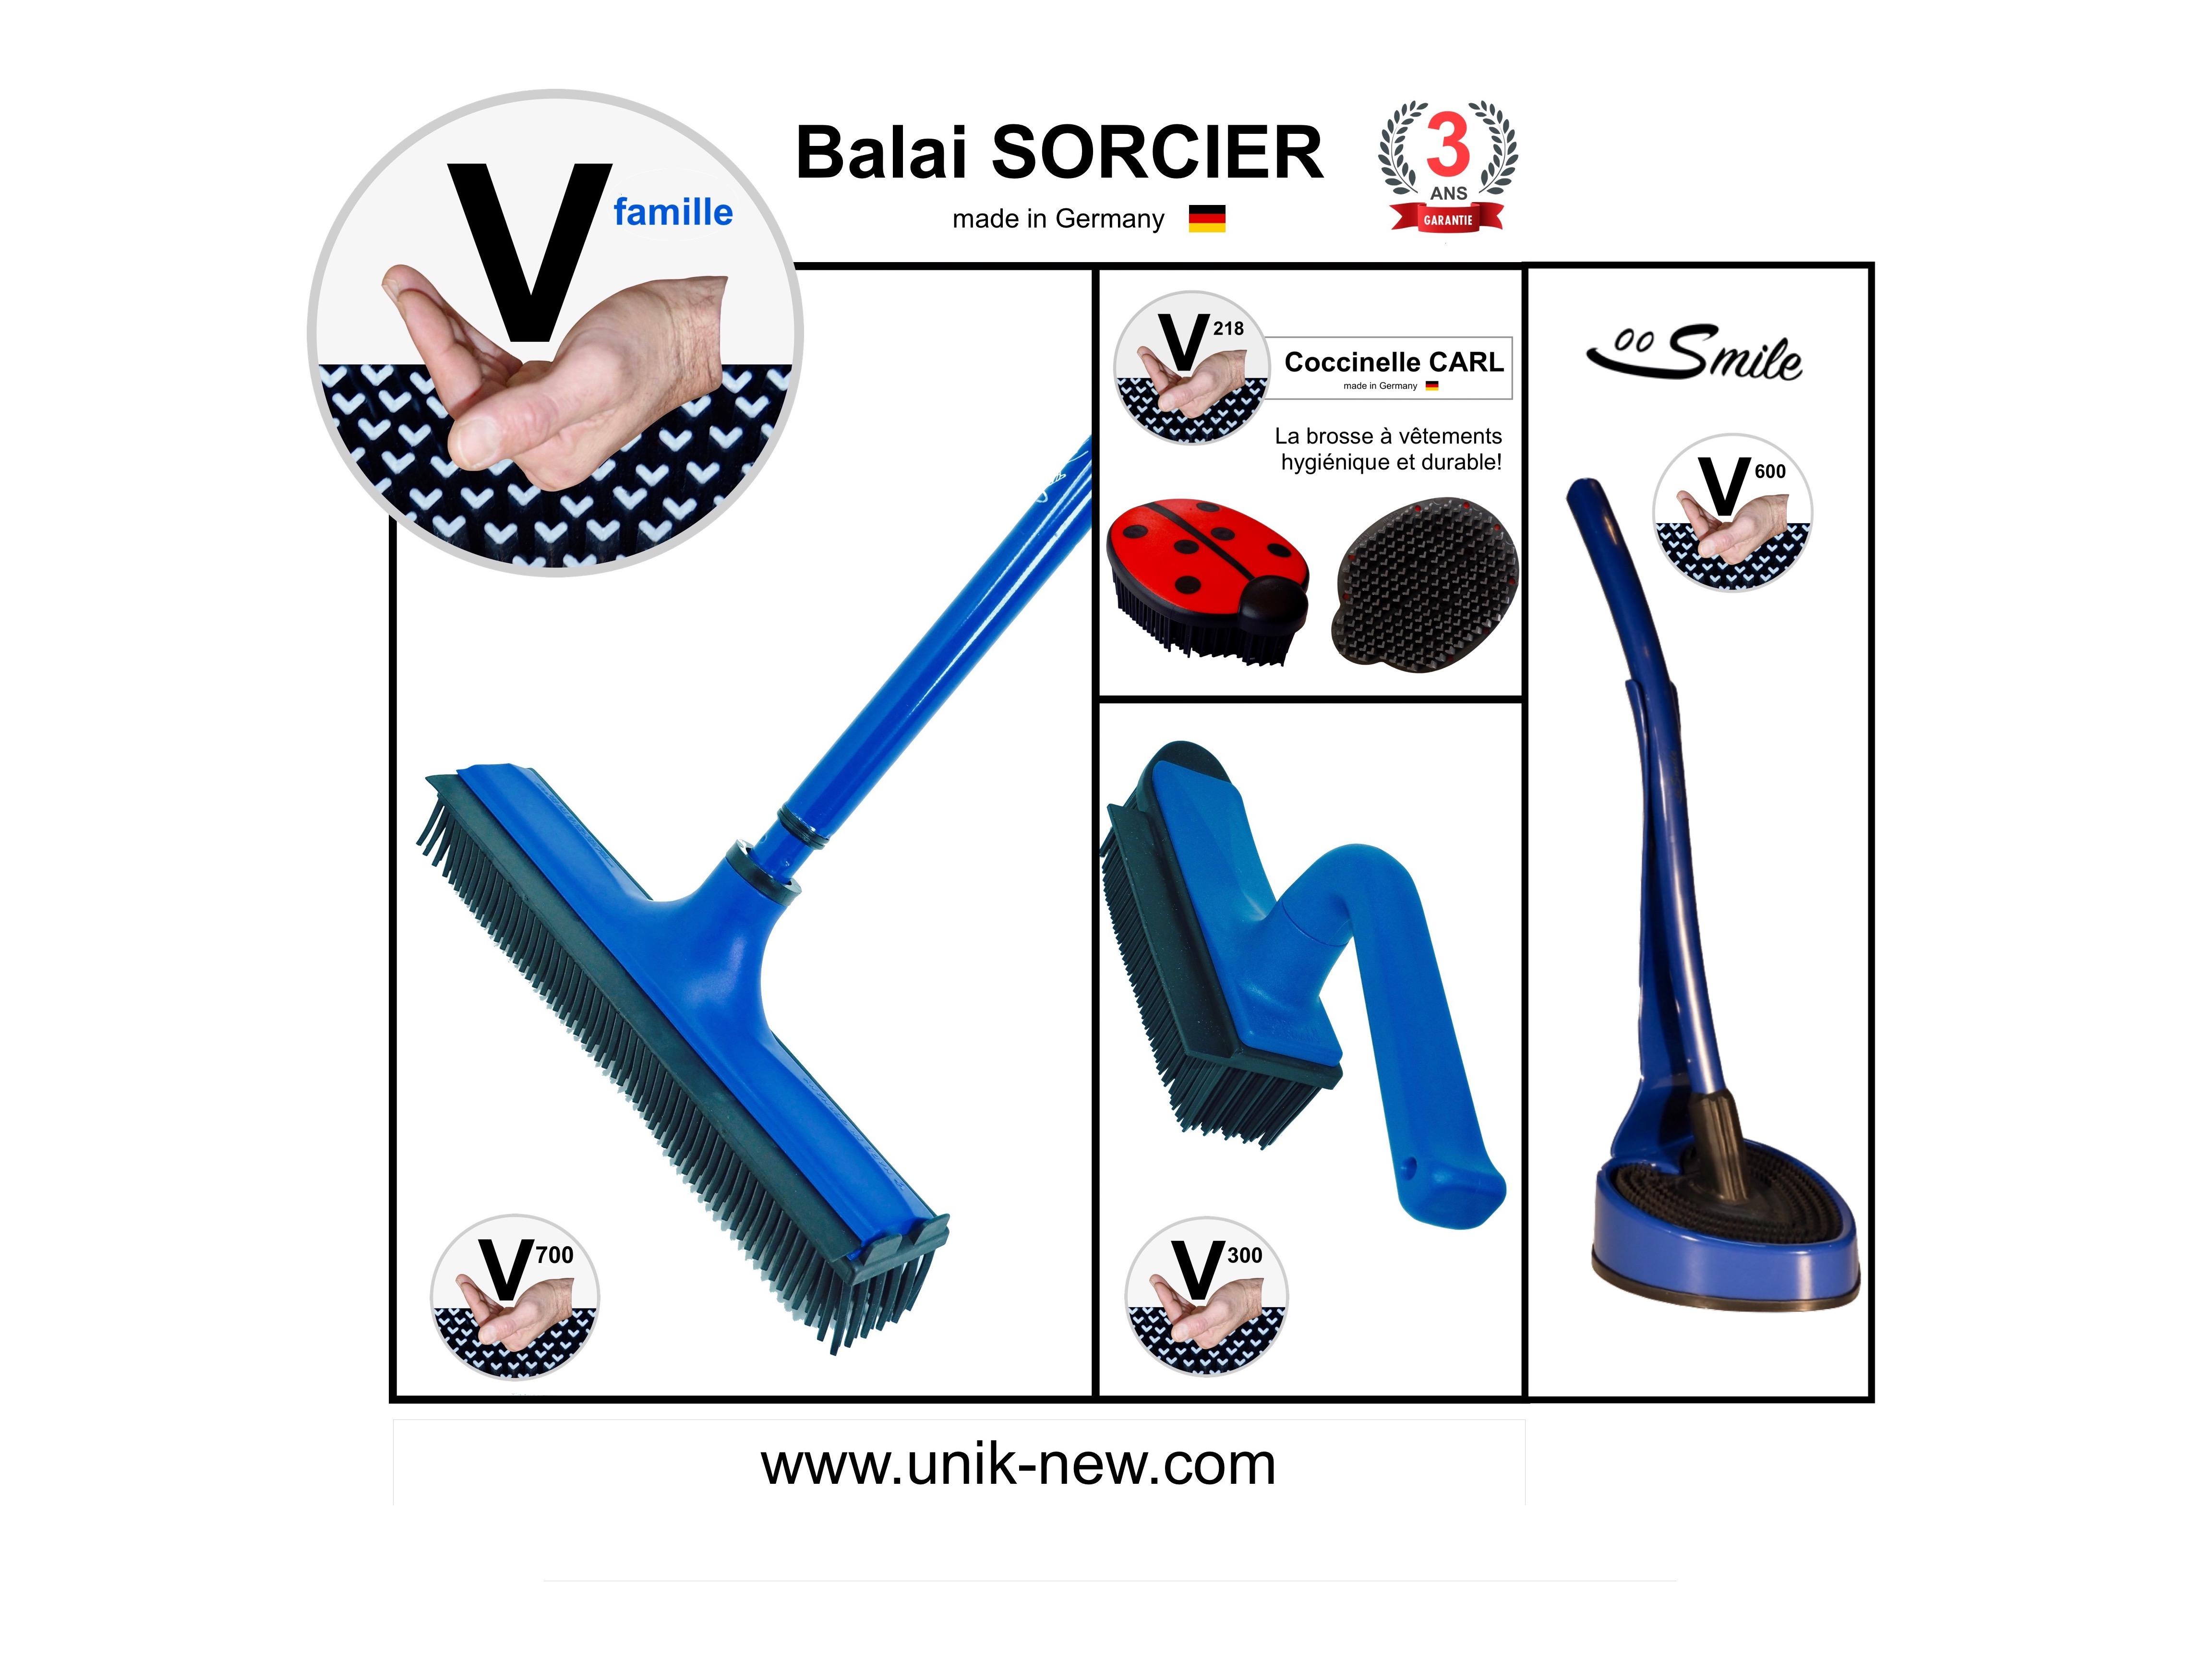 Kit Complet Balai SORCIER famille bleu 2